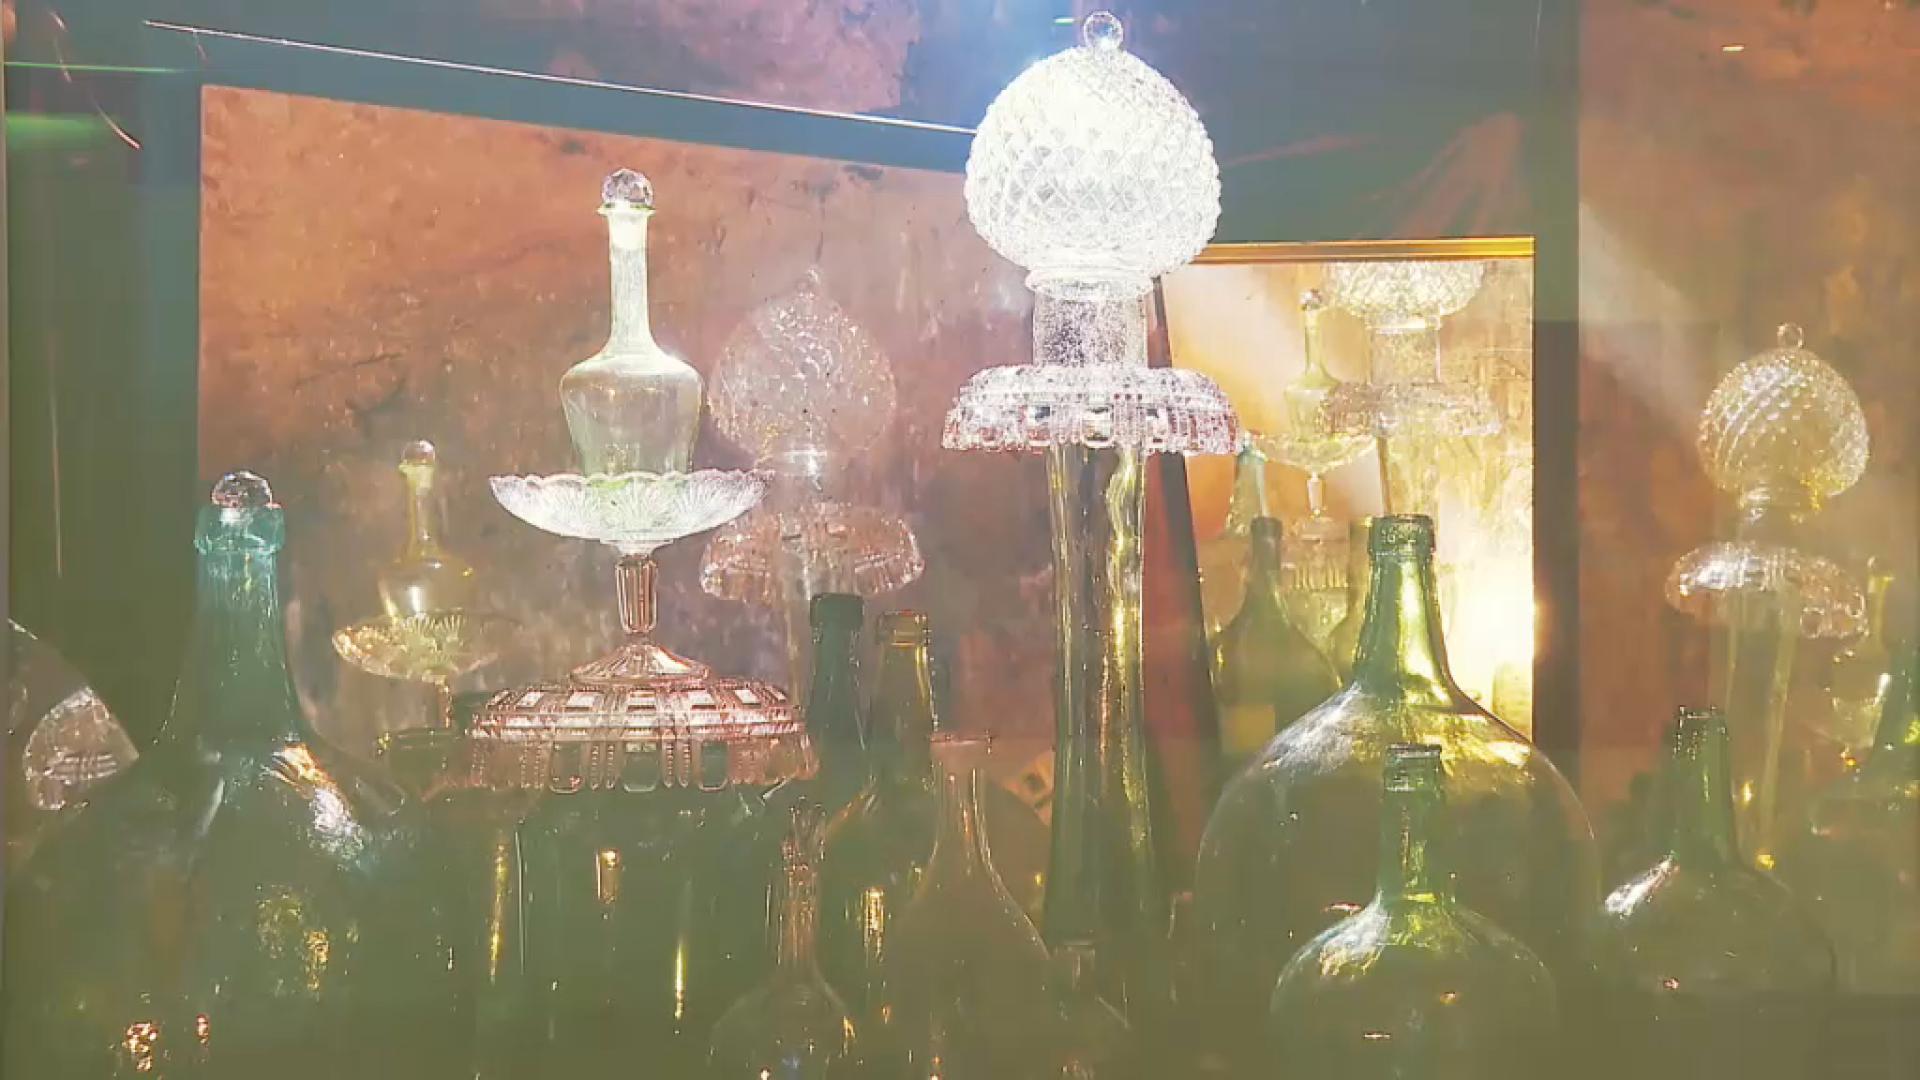 Adrover ha fotografiat objectes de vidre, amb la claror i l'atmosfera de l'aljub de casa seva.